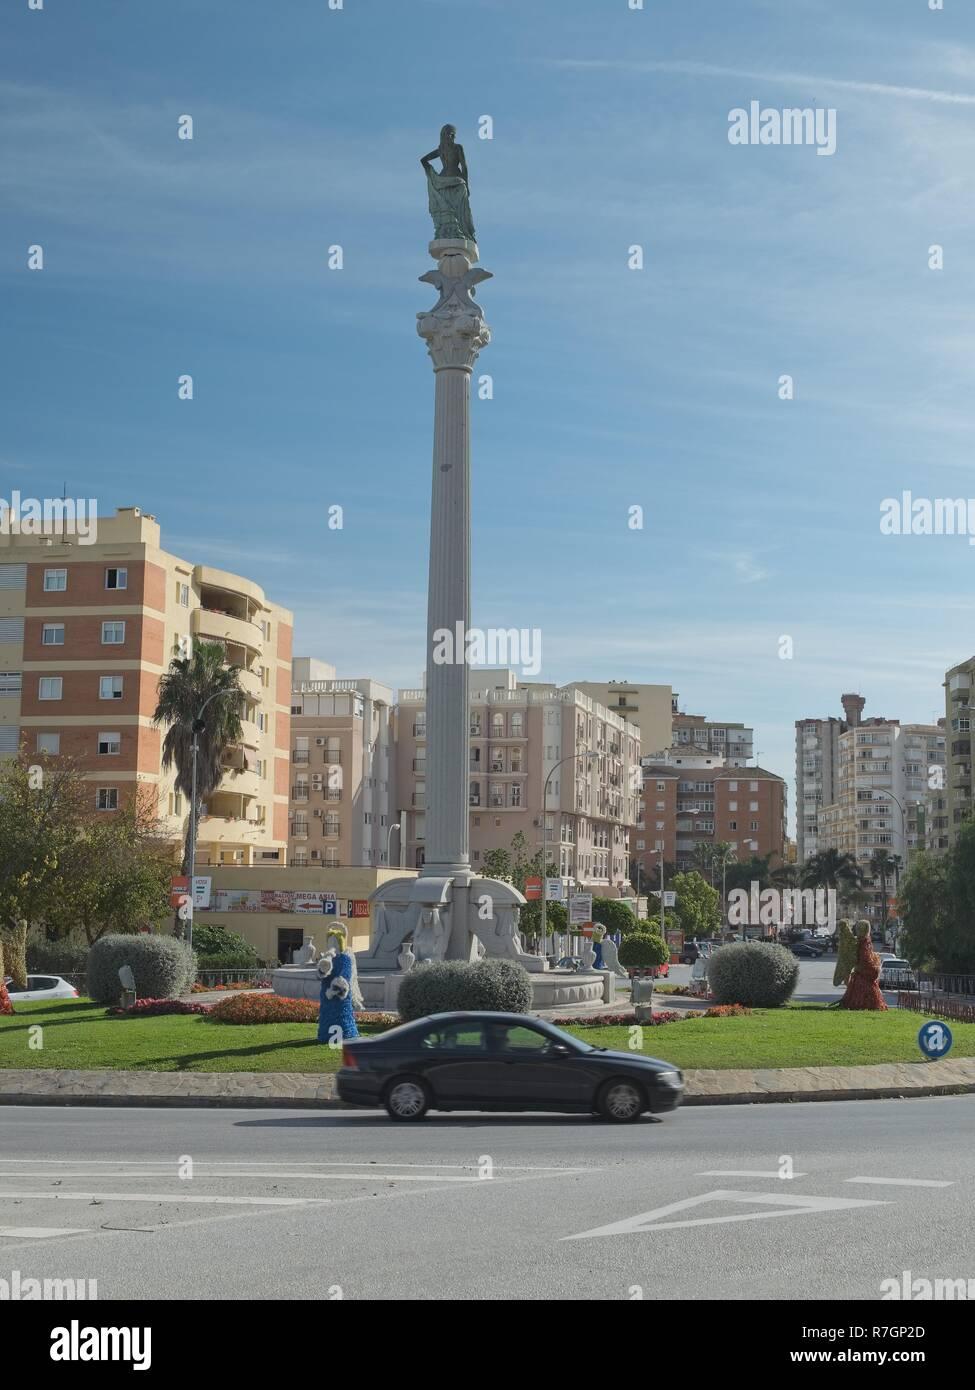 Monumento al turista (Monumento al turista). Torremolinos Málaga, Spagna. Foto Stock